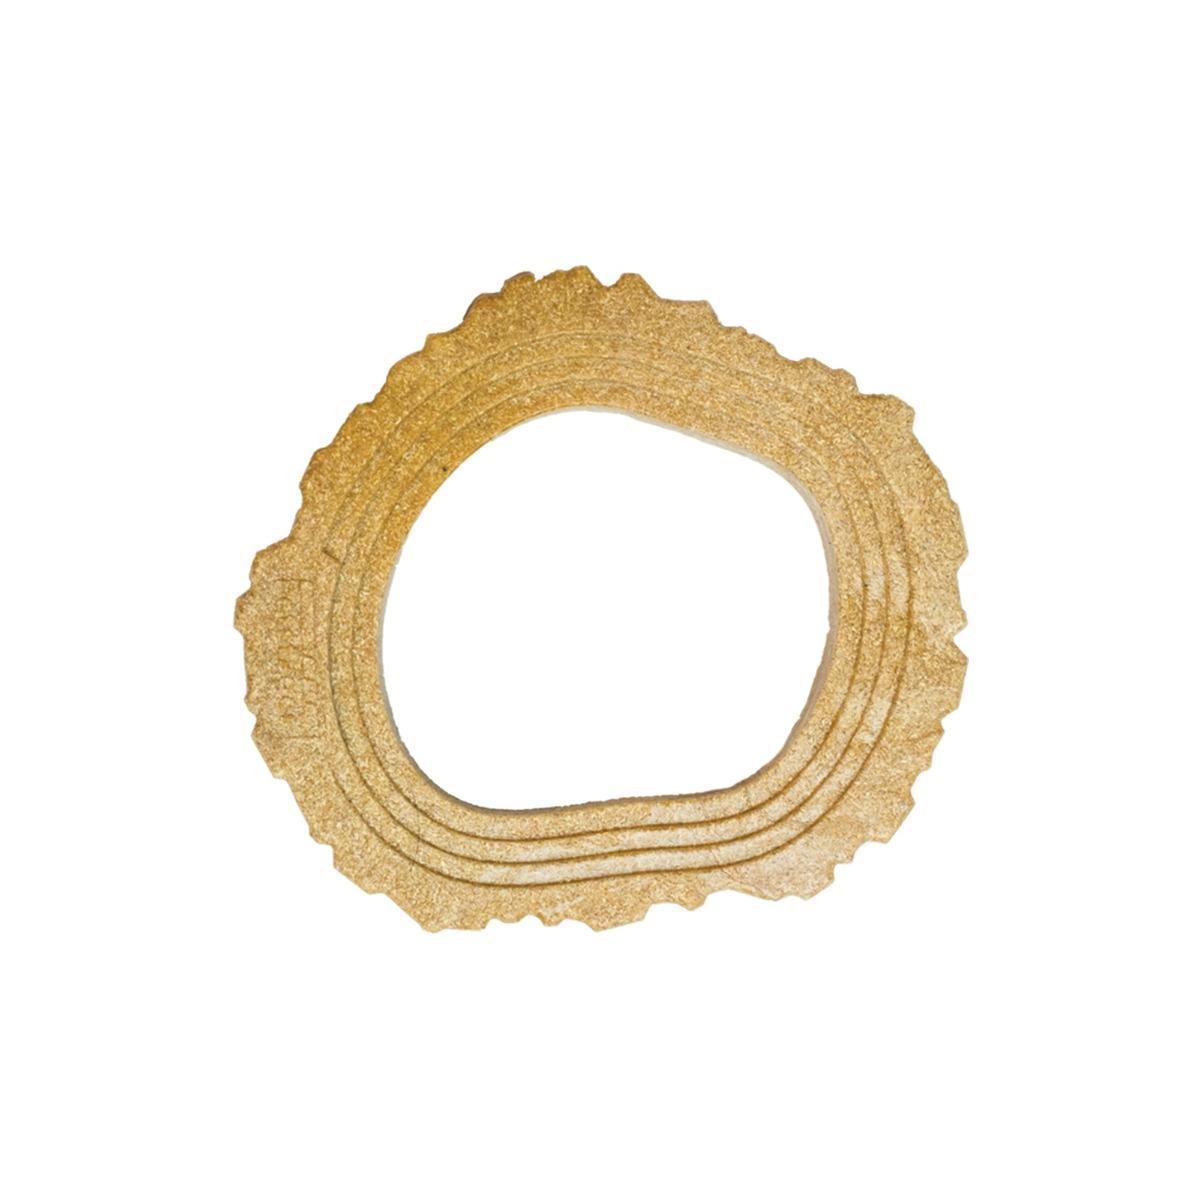 Dogwood Ring Dog Toy